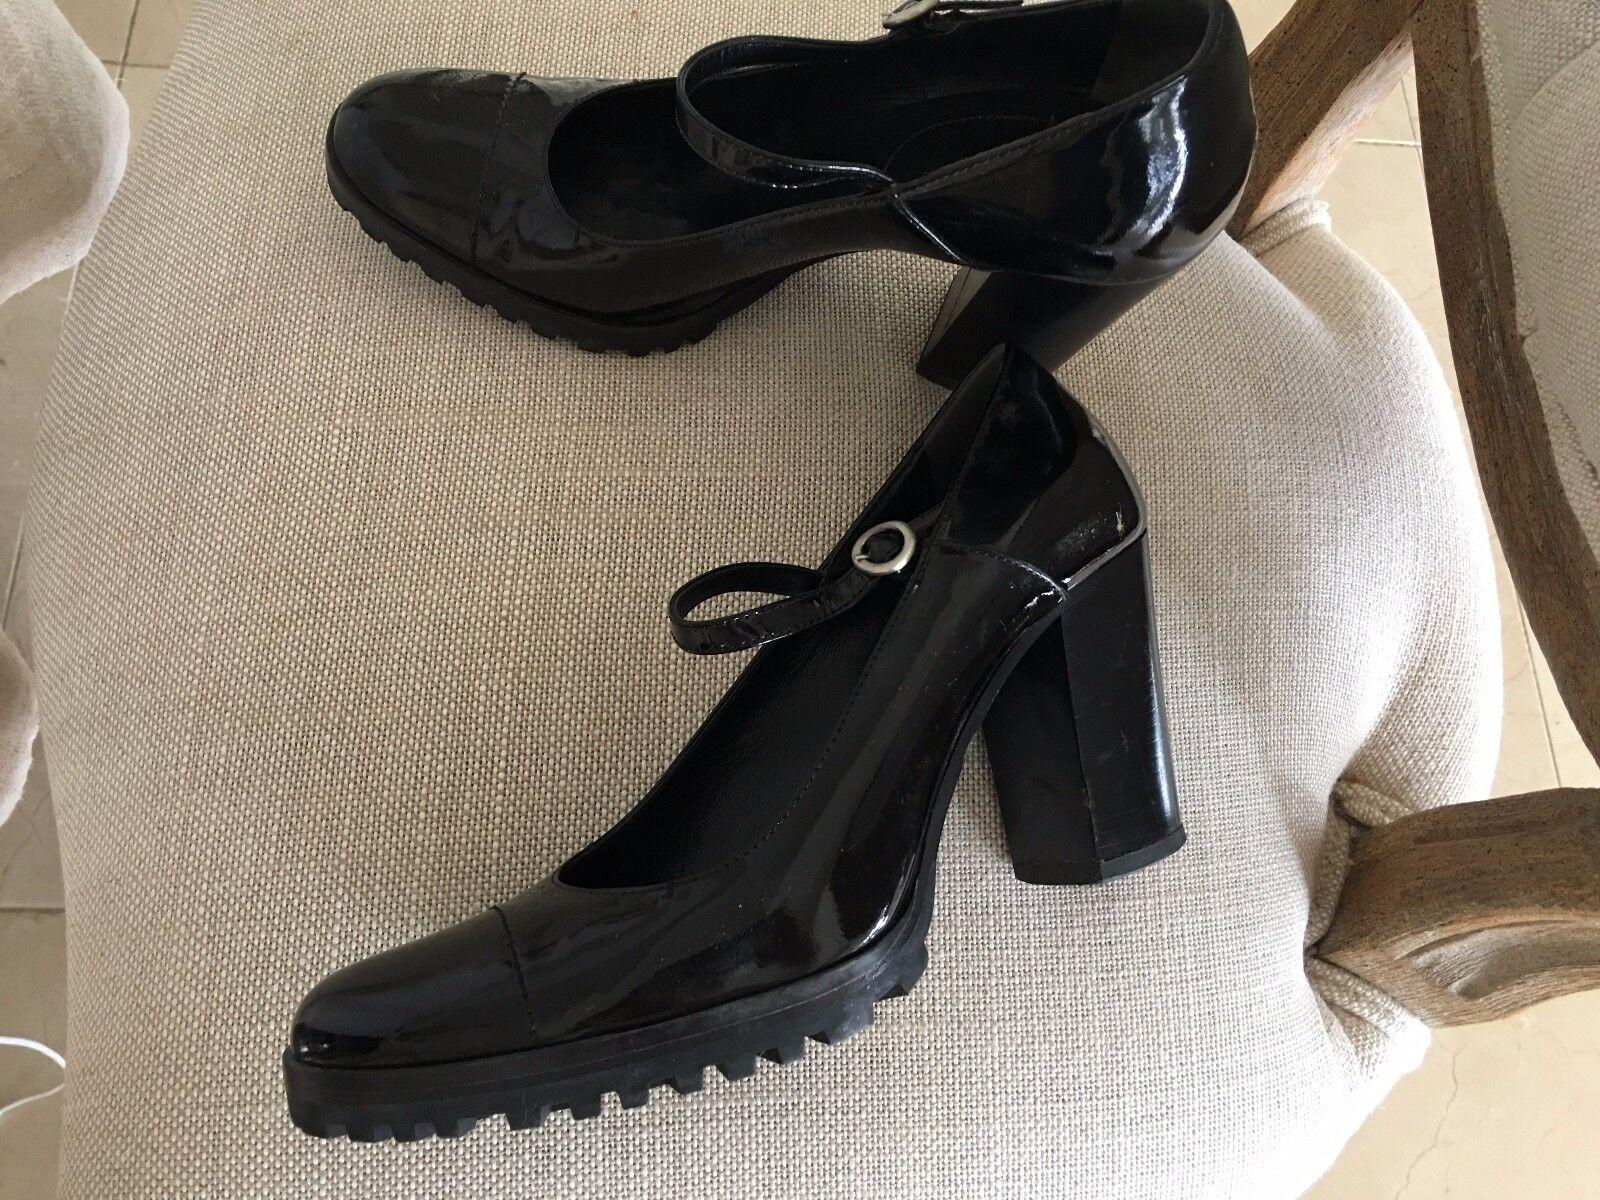 Miu Miu Patente Negro Estilo Europeo Zapatos de en EE. UU. hecho en de Italia bd09b3